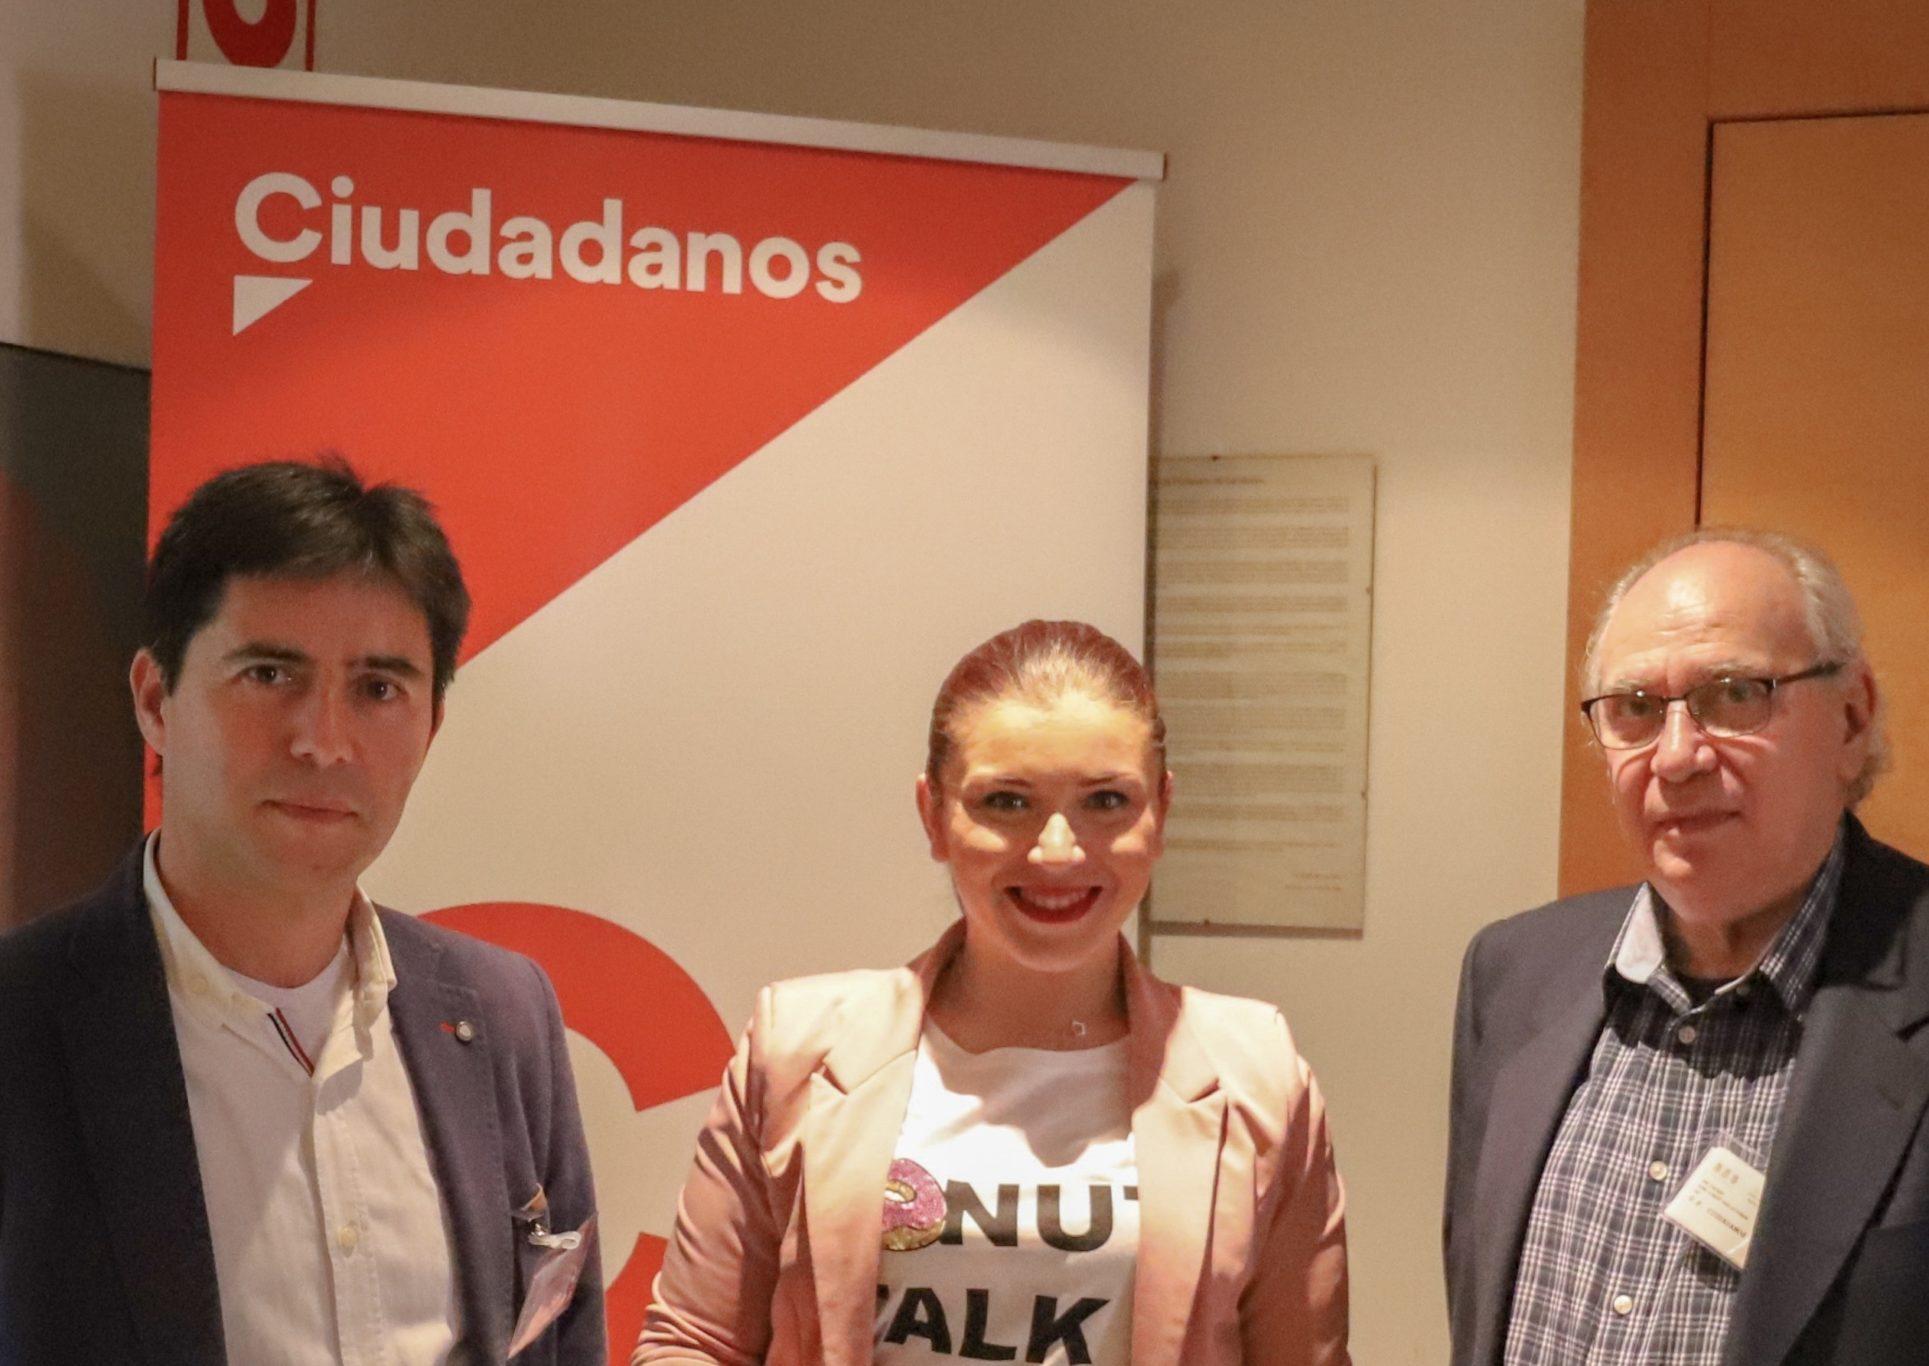 Premsa Comarcal Valenciana trasllada els seus fins a la líder de Ciutadans El Periòdic d'Ontinyent